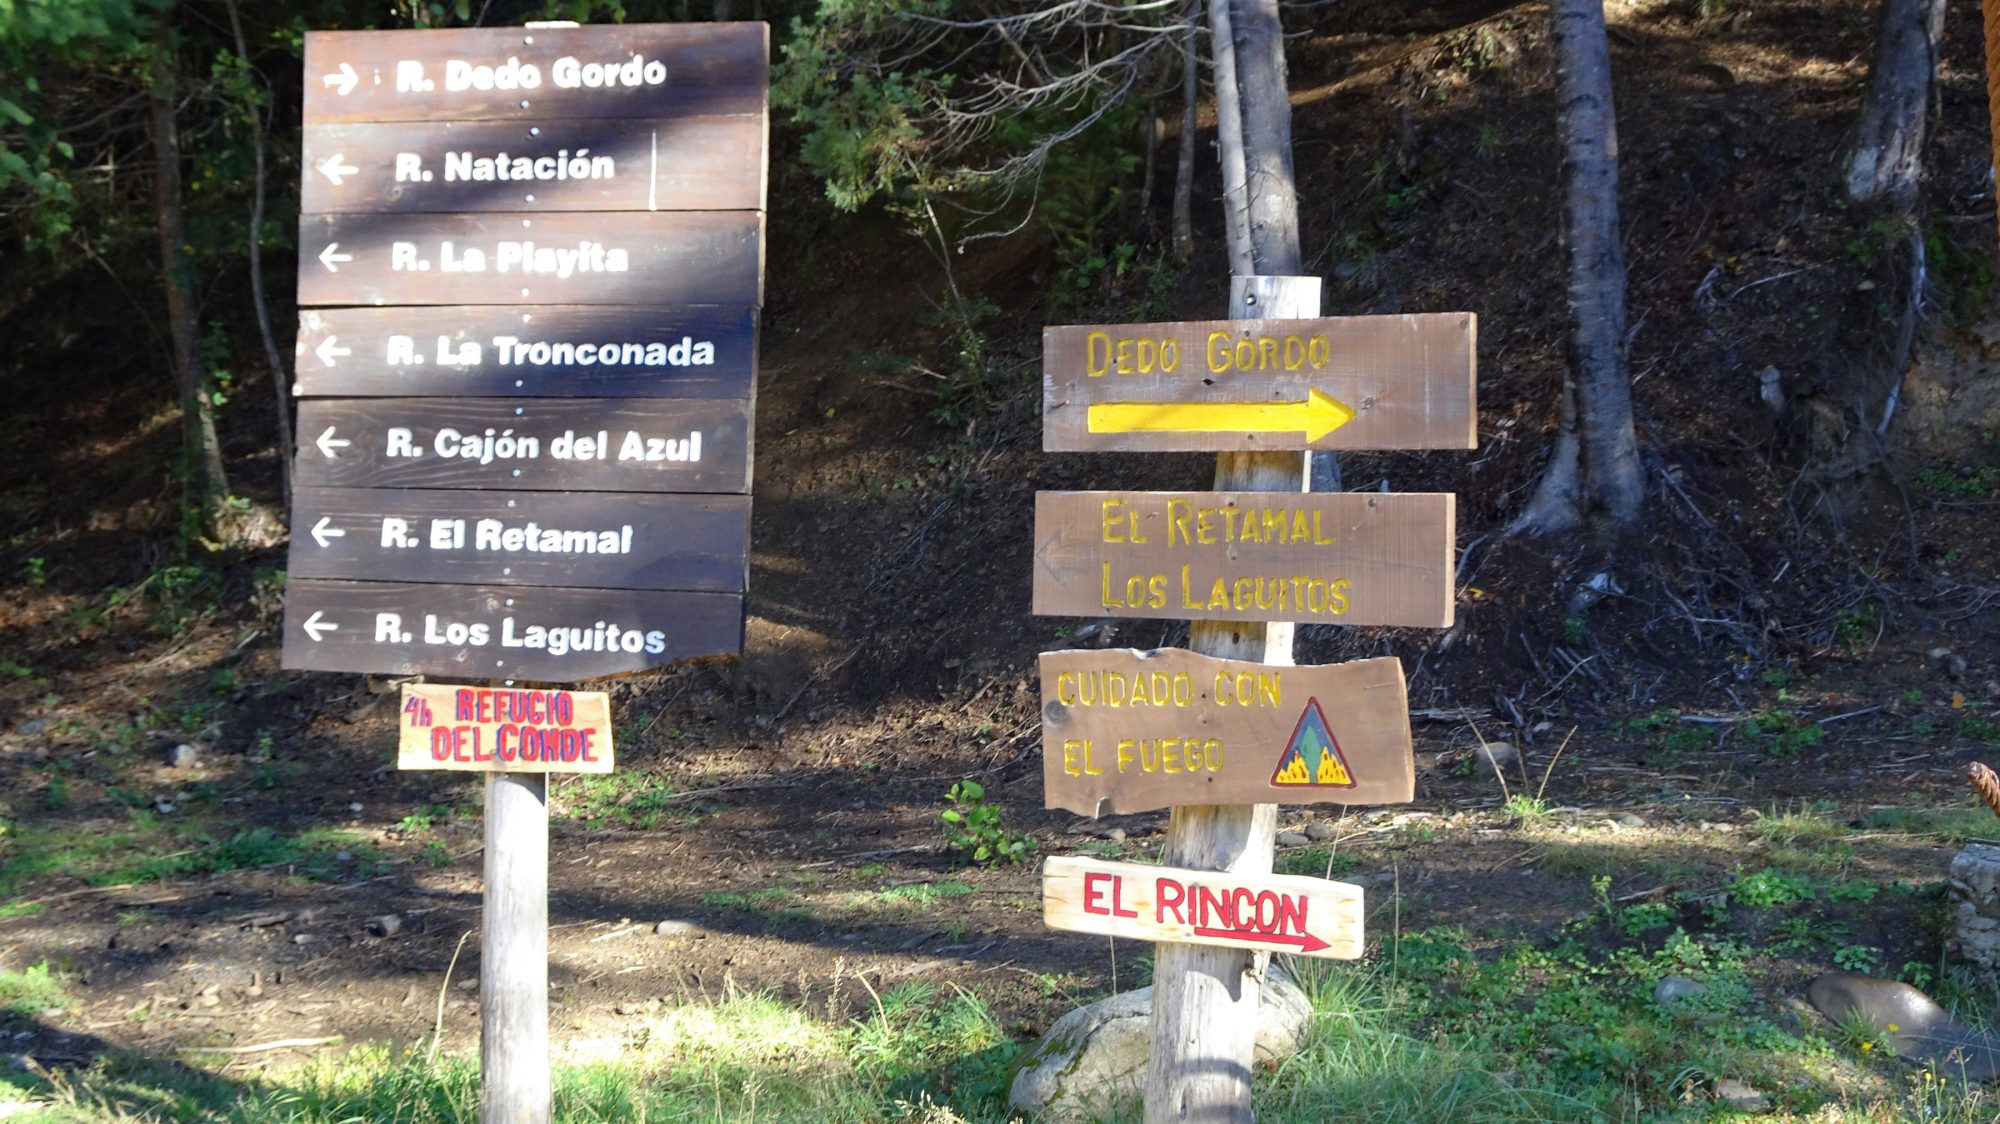 Fjella El Bolson Wanderung Patagonien Warton Dedo Gordo Encanto Blanco Wanderroute Wandern Wegweiser Warton